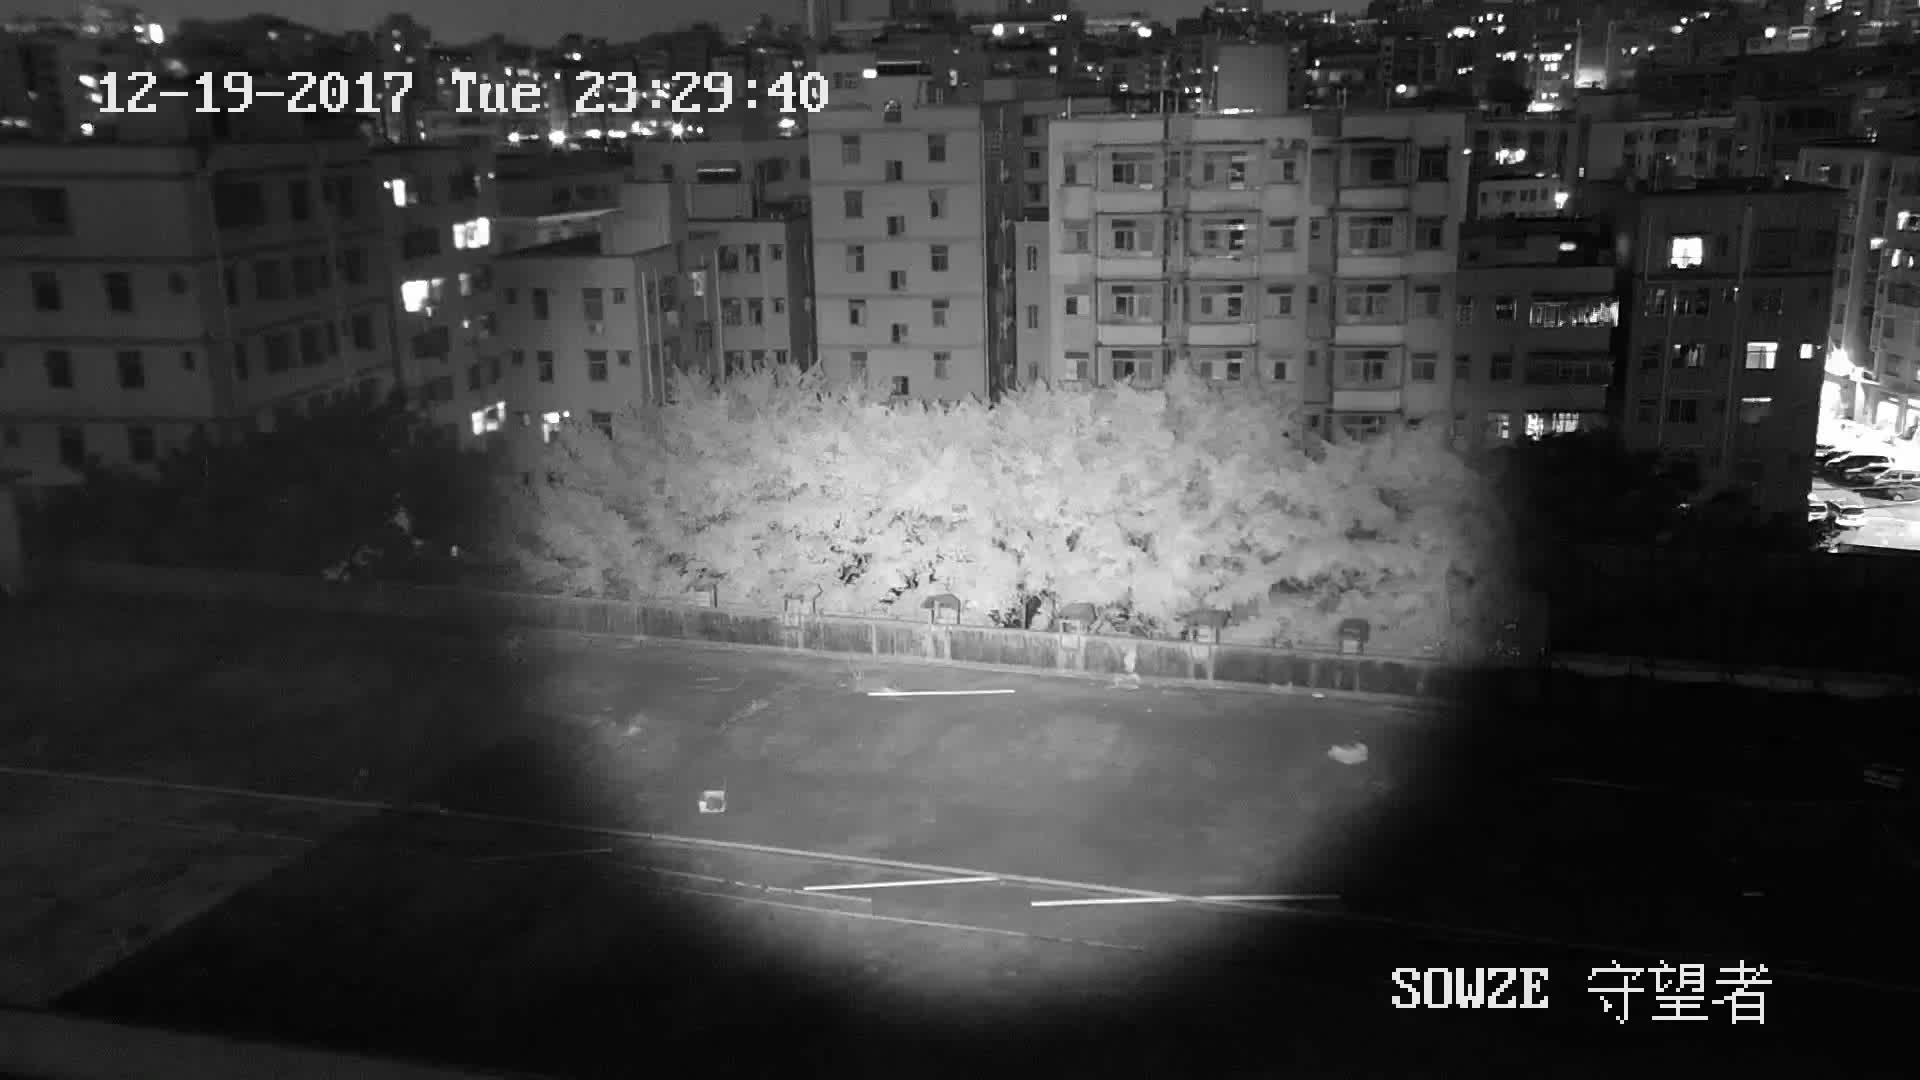 Không thấm nước 1.3MP 2MP 20X Zoom Quang Học 30X PTZ Camera đối với Quân Đội Cảnh Sát Tuần Tra Ô Tô/Xe/Truc